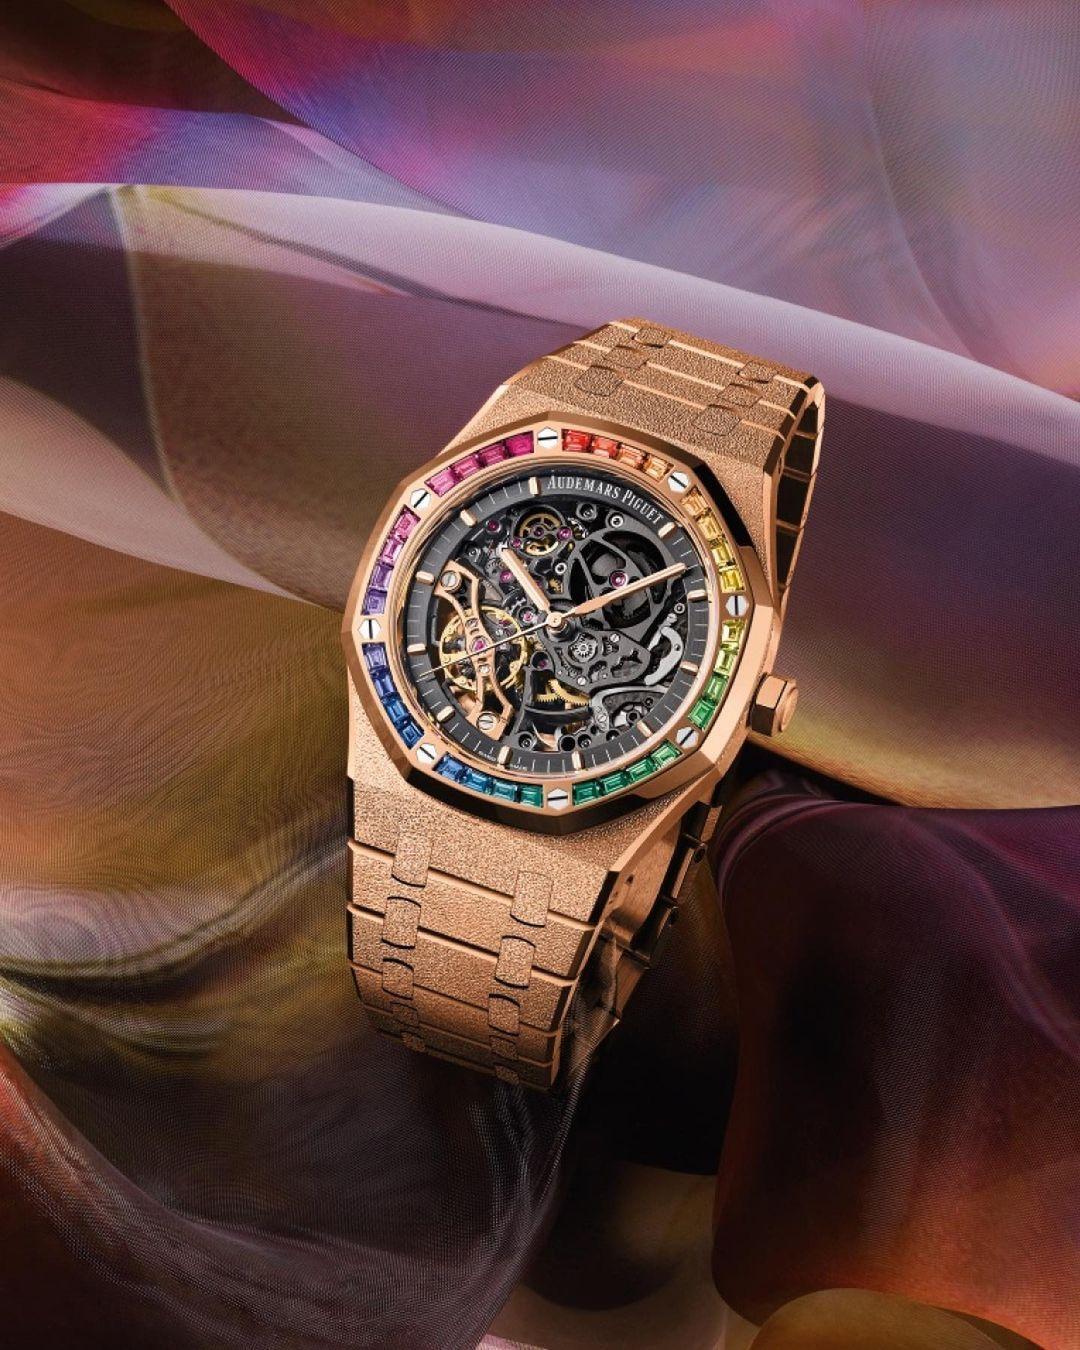 Jam tangan Audemars Piguet